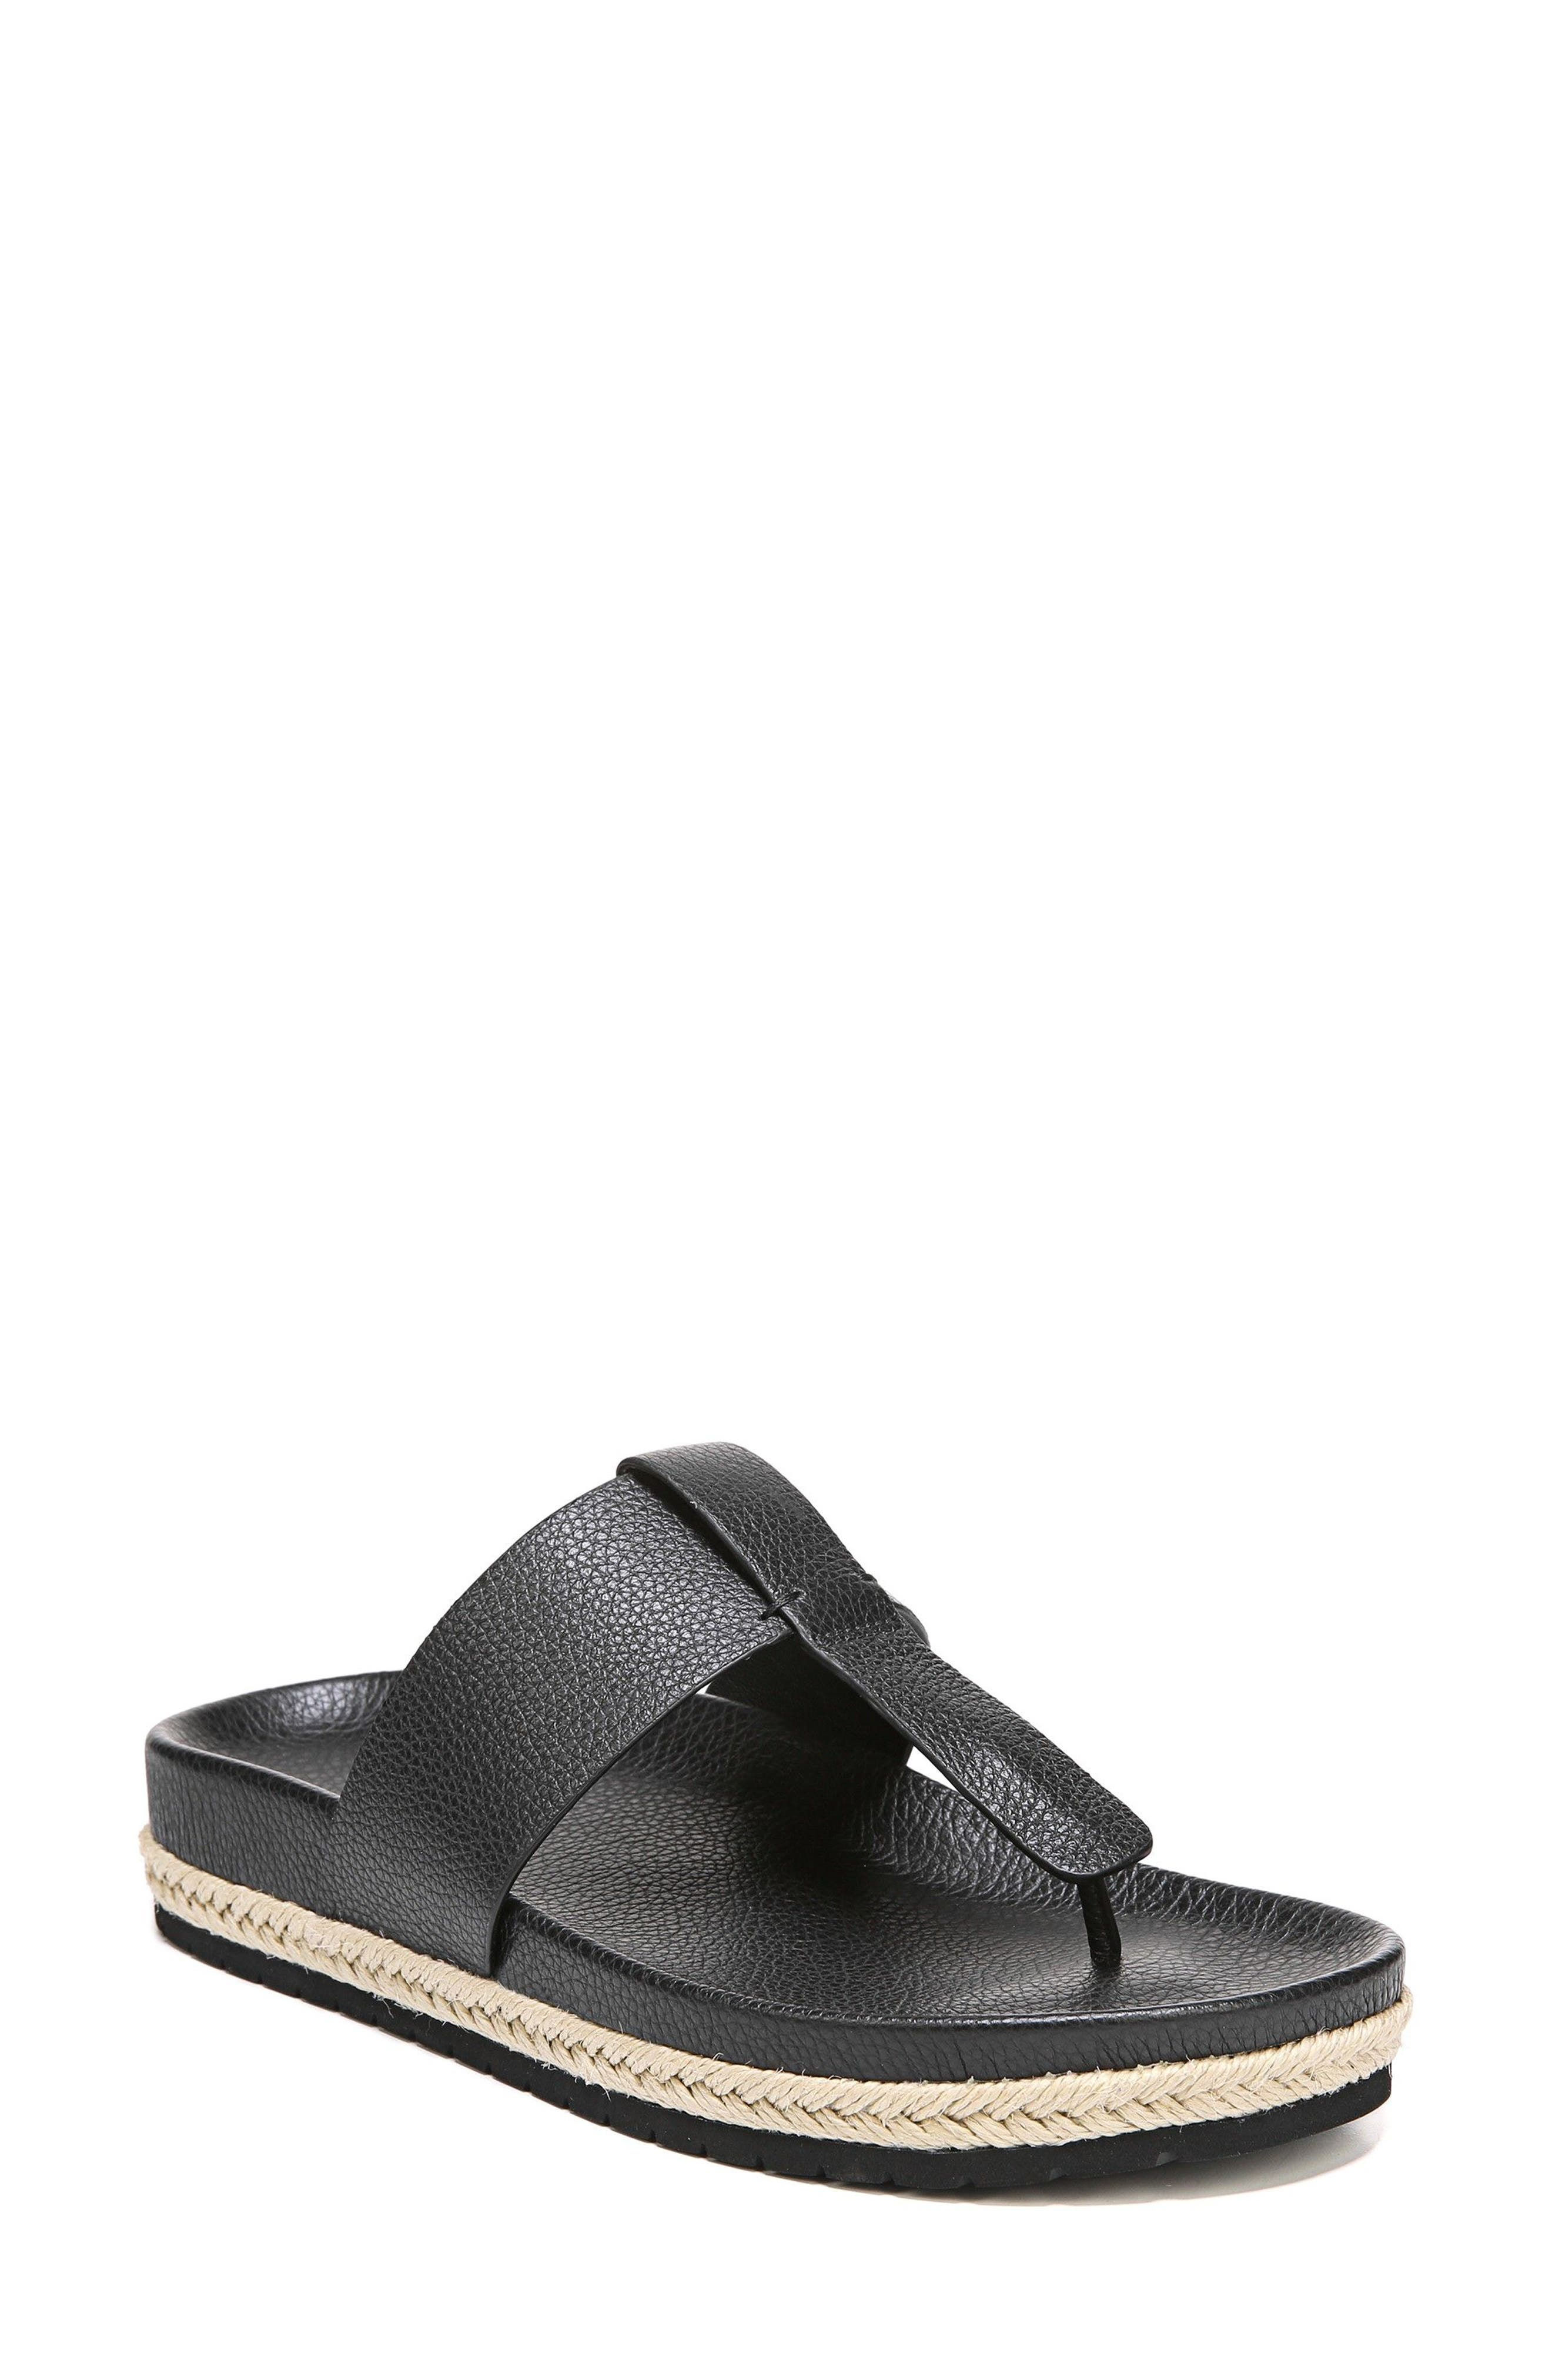 Avani T-Strap Flat Sandal,                             Main thumbnail 1, color,